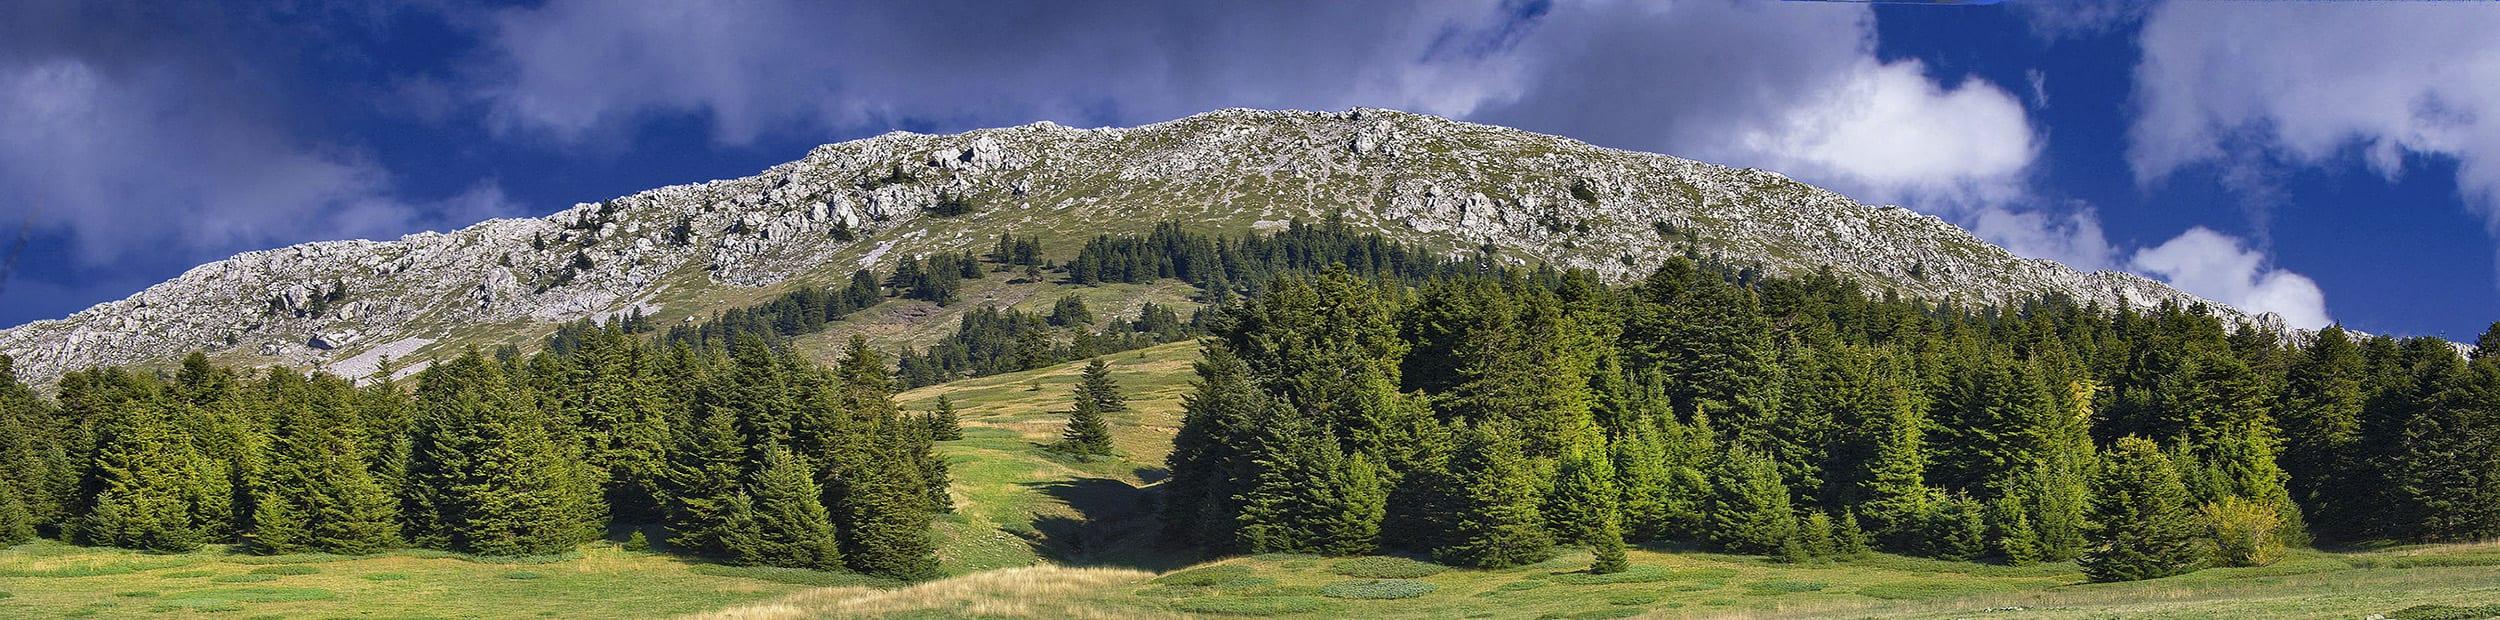 Mt. Oiti, Ypati, river, waterfall, stream, fall, mountain, forest, spring, outdoor, spa, thermal baths, σπα, ιαματικά λουτρά Εθνικό Πάρκο Οίτη, Υπάτη, καταρράκτες, Γοργοπόταμος, τραίνο